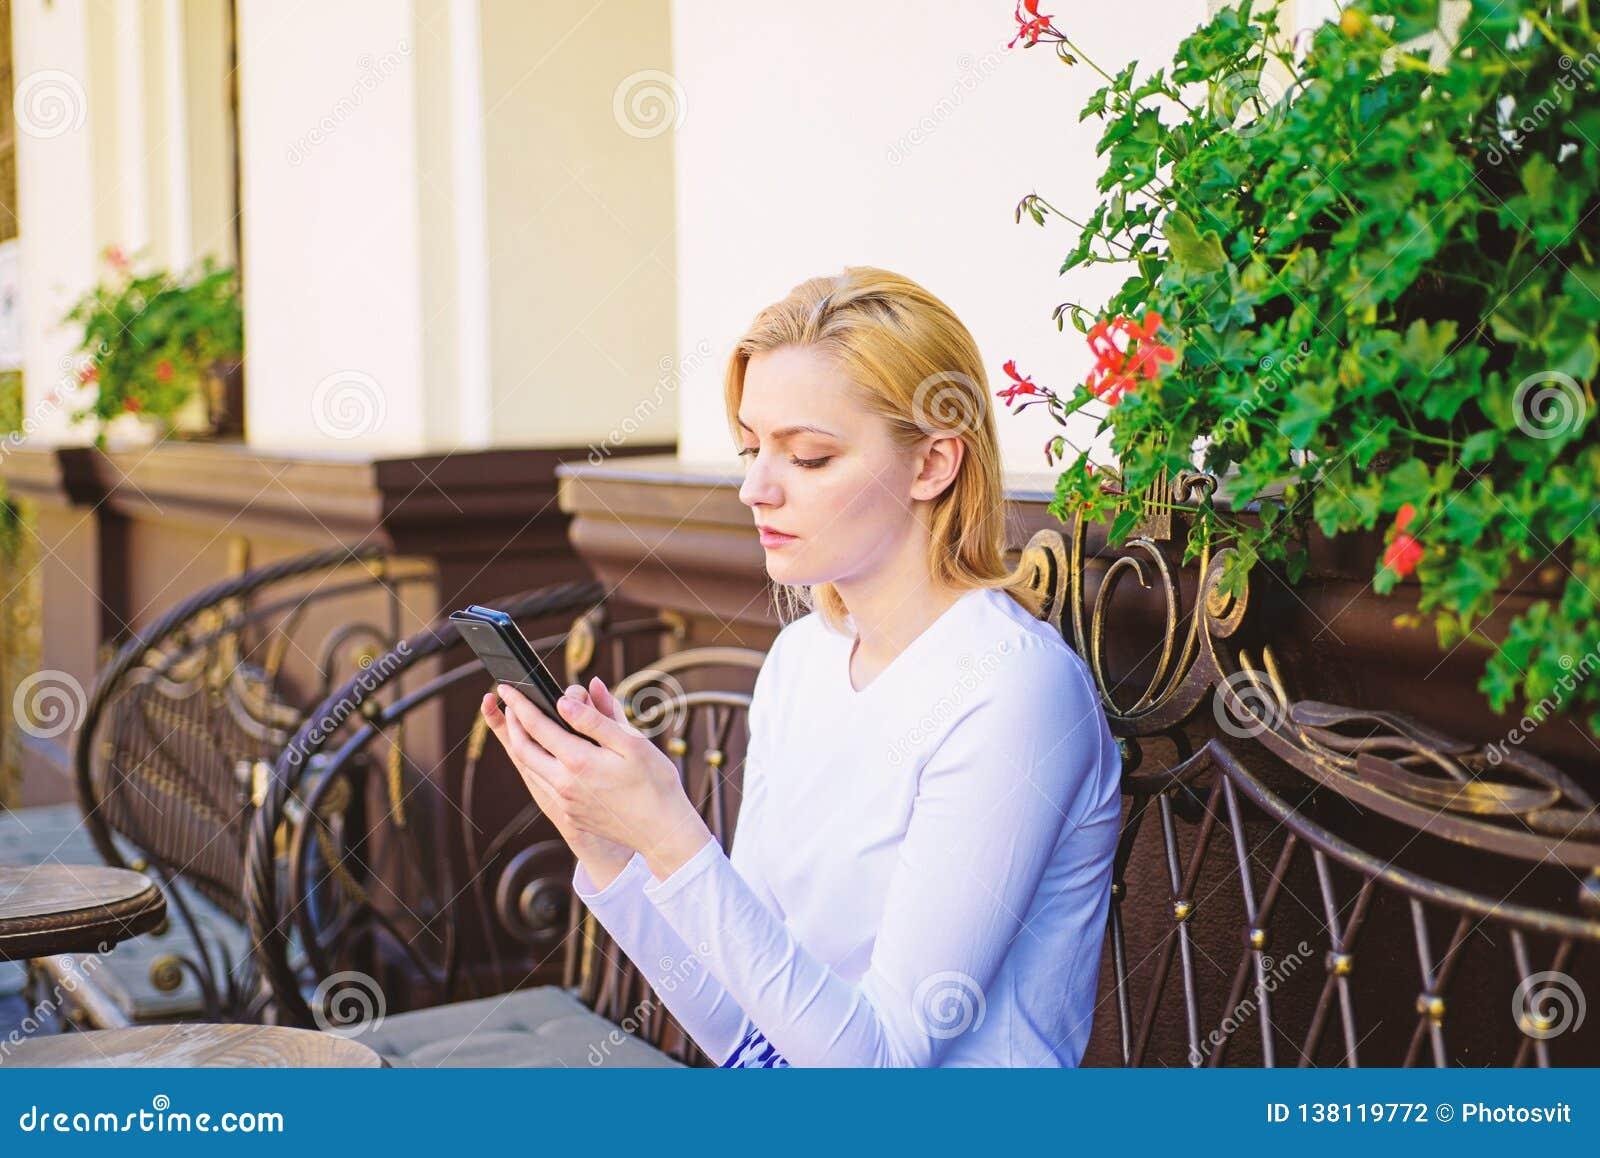 Permaneça em contacto Fundo urbano texting do terraço do café do smartphone da cara calma da mulher O branco texting do amigo da